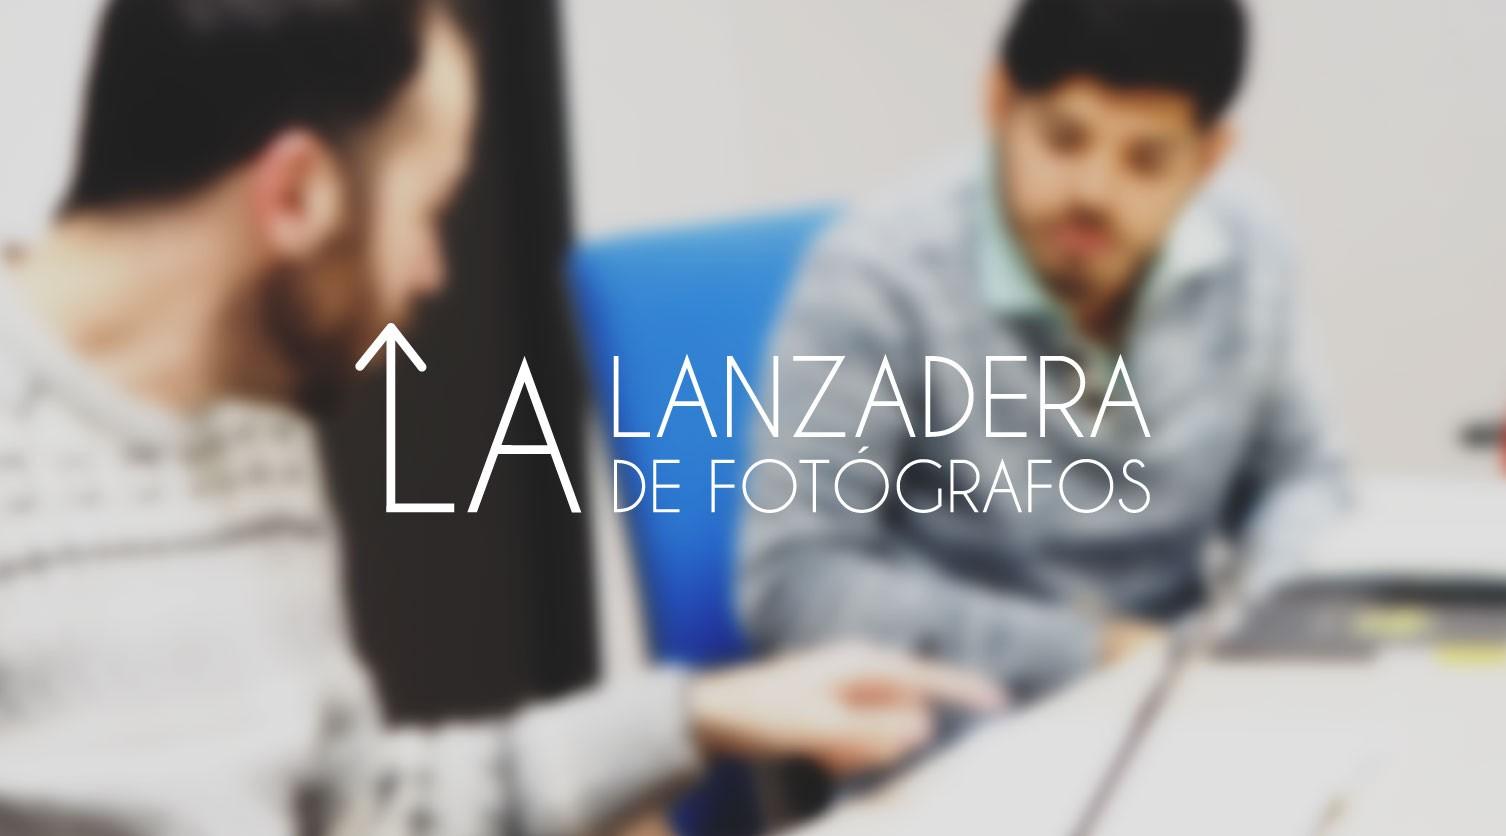 Comienza La Lanzadera de Fotógrafos 2018